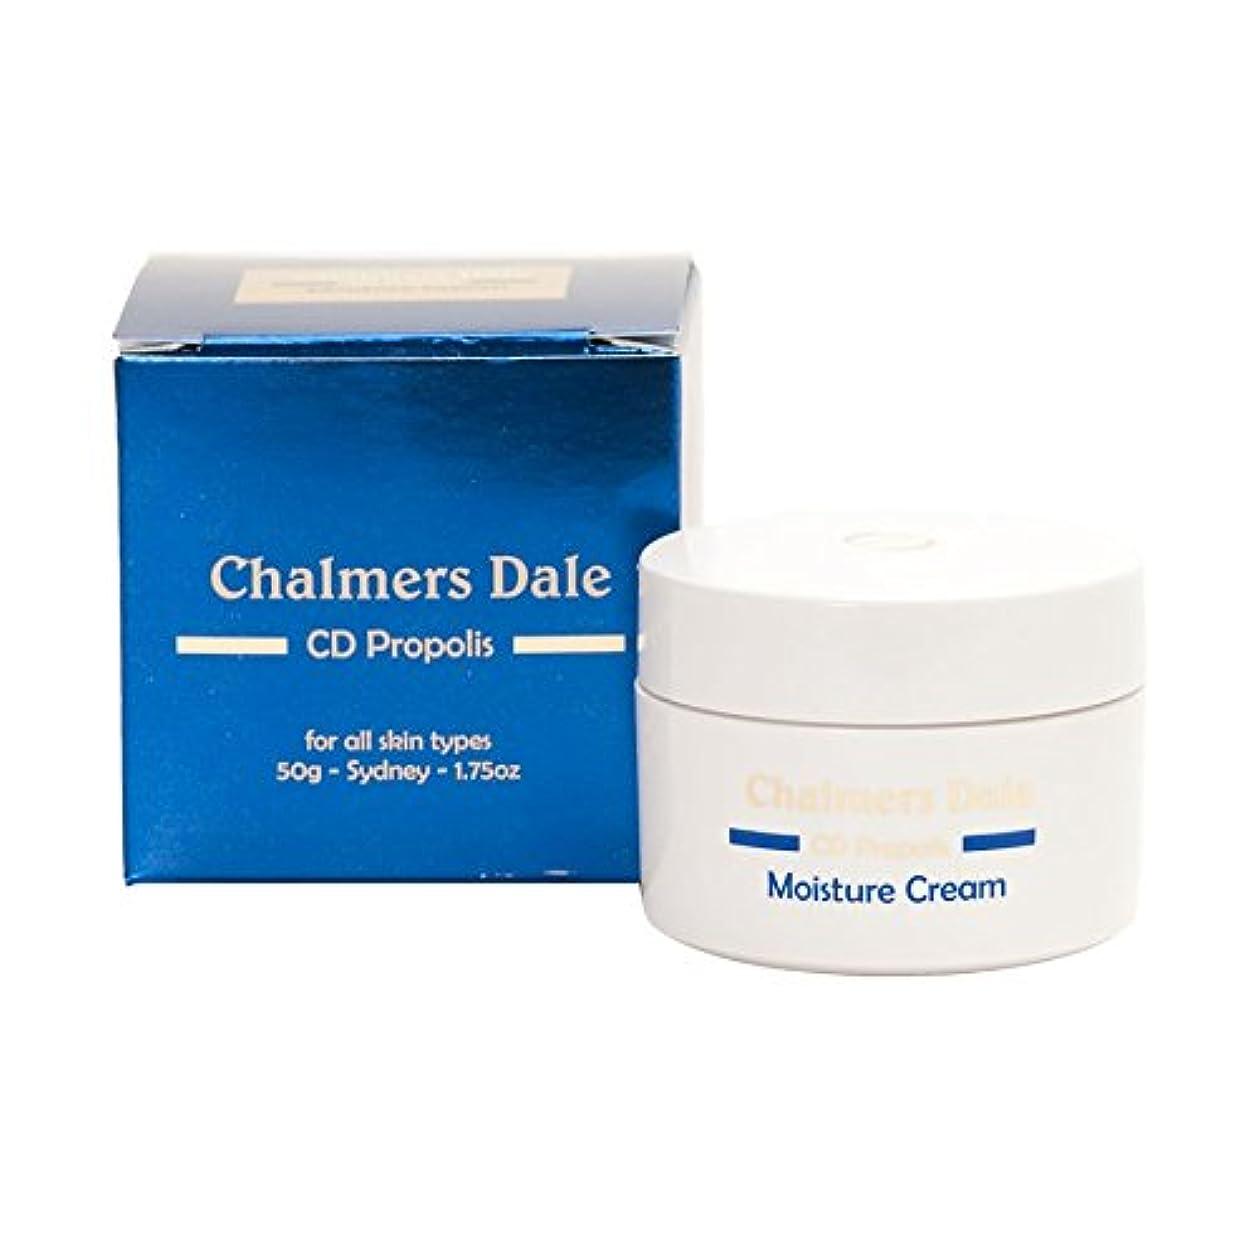 鯨学んだ広告主プロポリスクリーム 50g 清潔な肌 敏感肌 保湿作用 しっとり肌 【海外直送品】